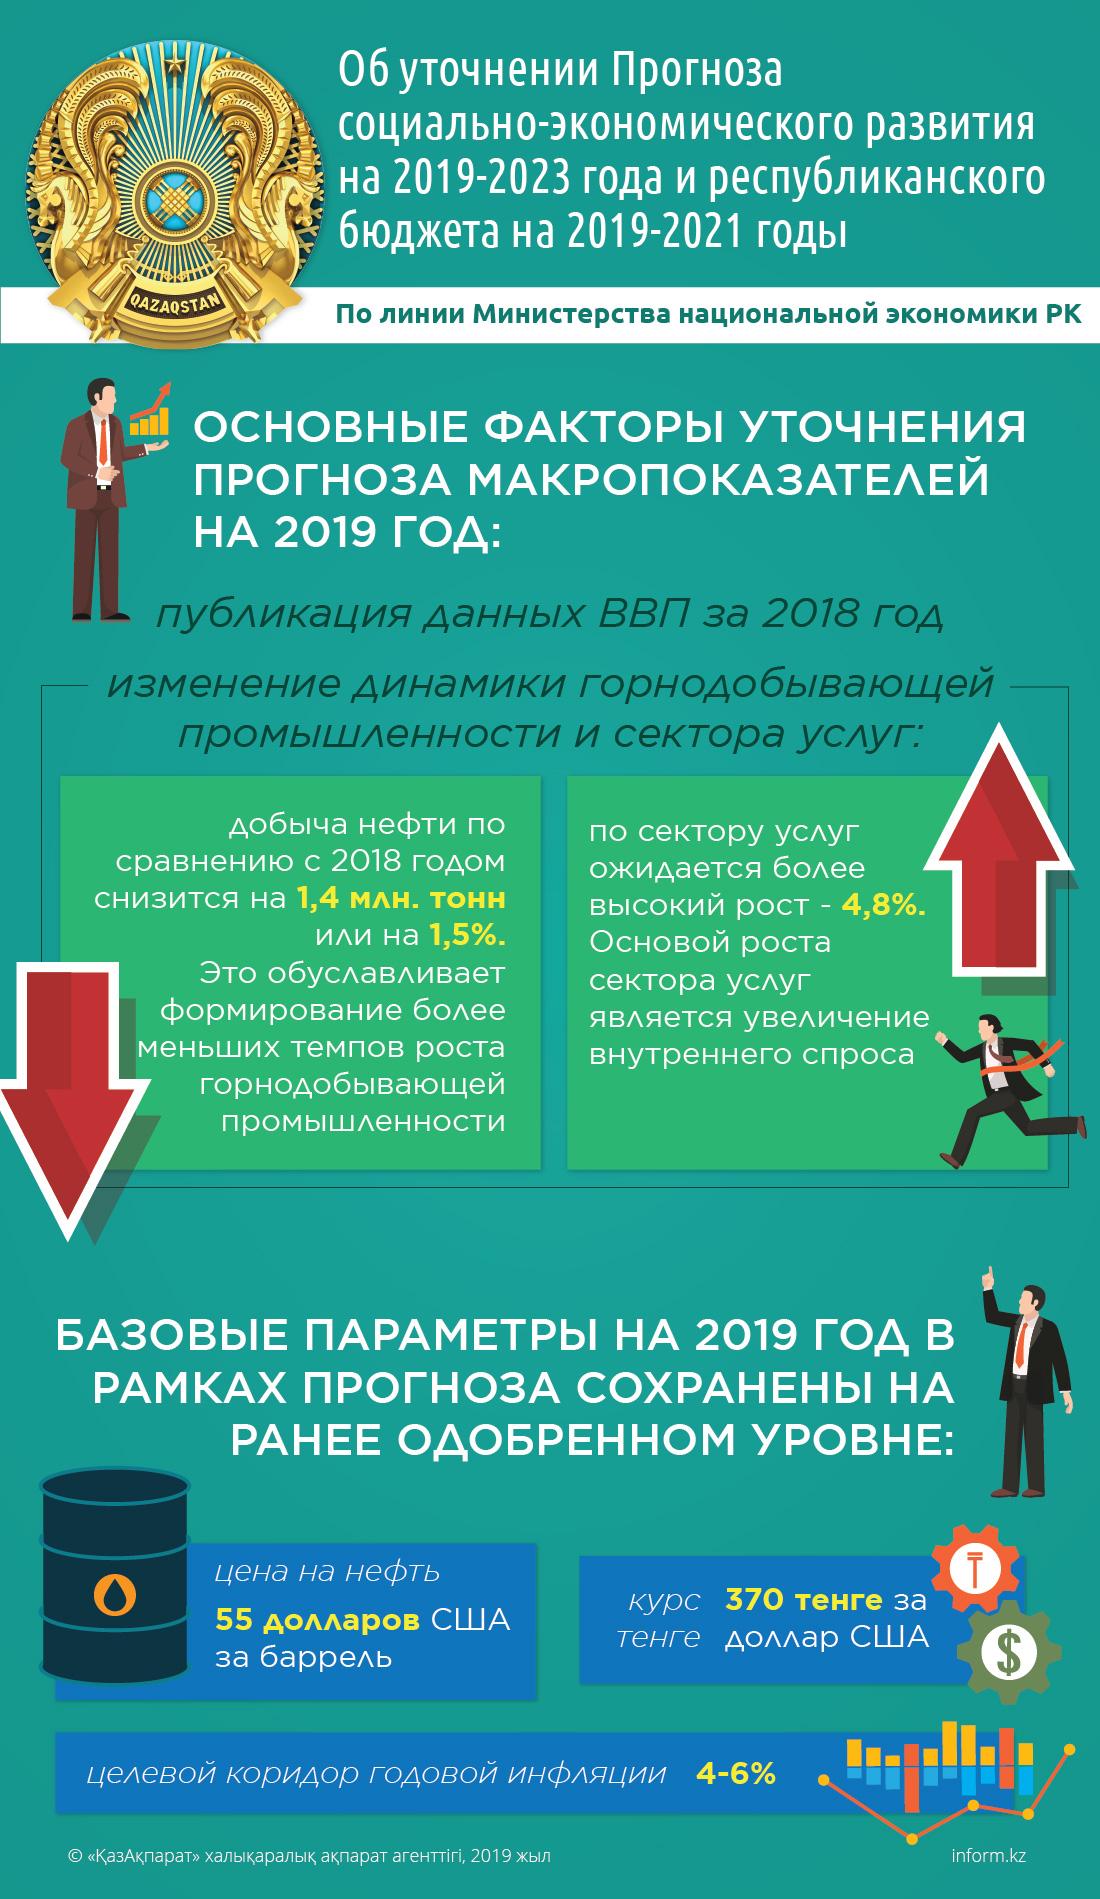 Об уточнении Прогноза социально-экономического развития на 2019-2023 года и республиканского бюджета на 2019-2021 годы. По линии Министерства национальной экономики РК